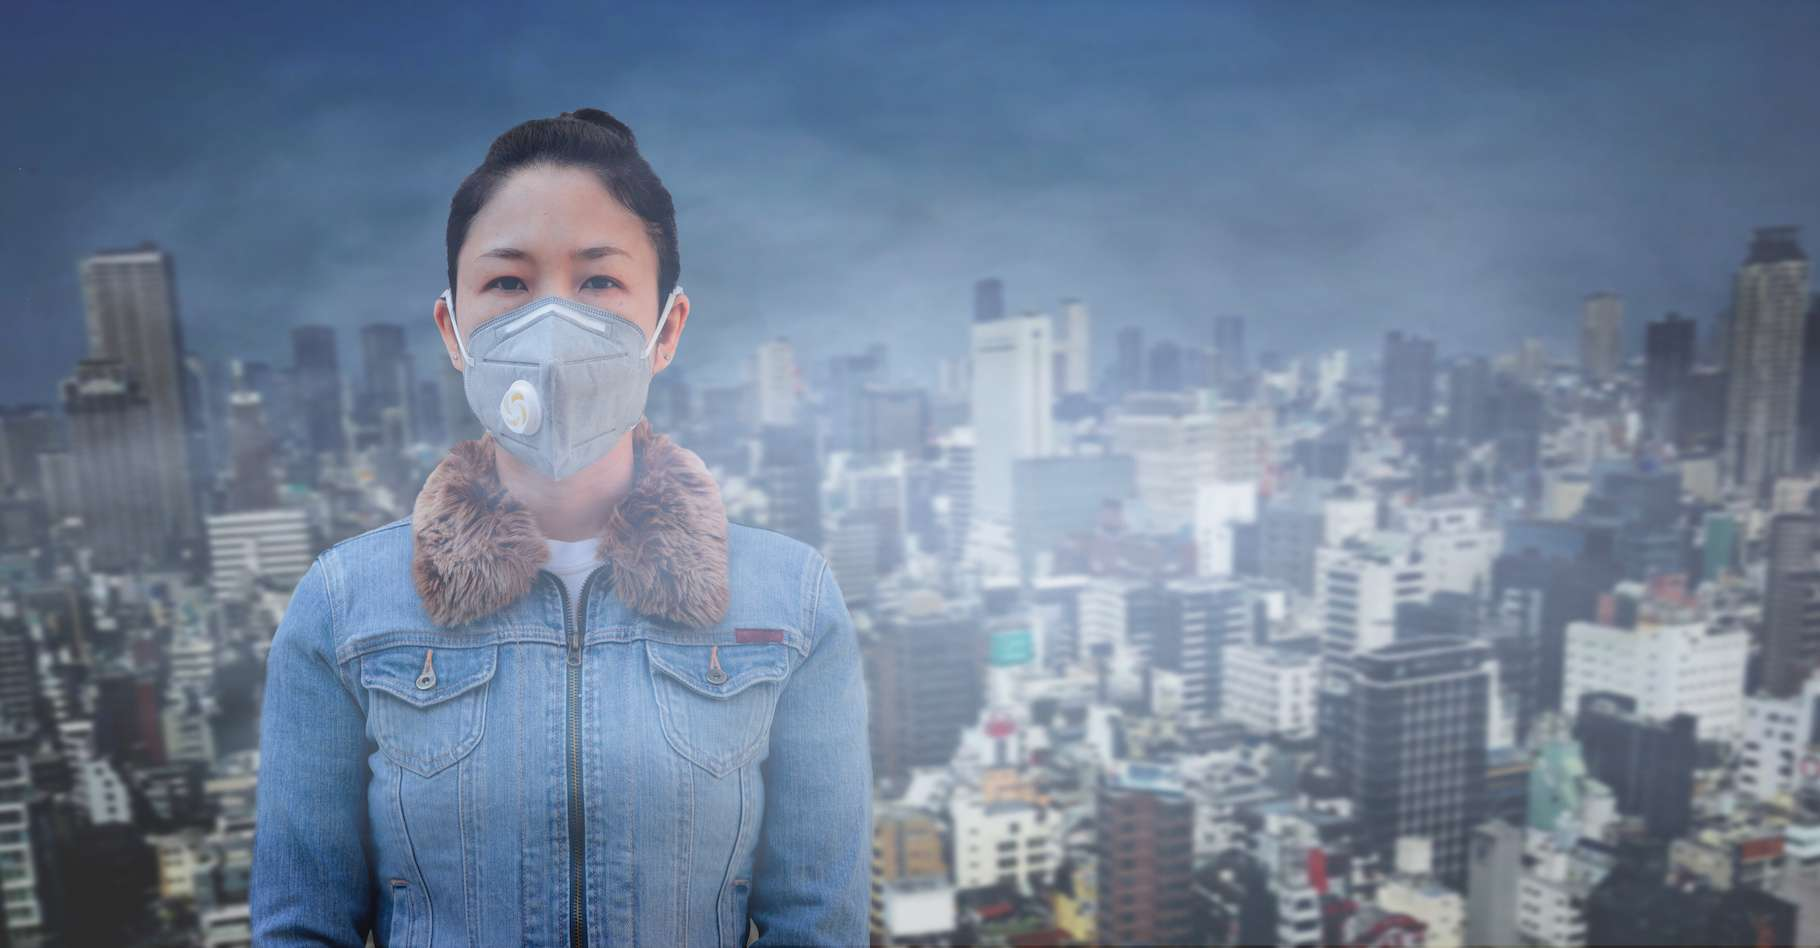 En début d'année déjà, une étude avait montré qu'une augmentation du taux de dioxyde d'azote dans l'air pouvait être associée à une augmentation du nombre de fausses couches. © nitikornfotolia, AdobeStock